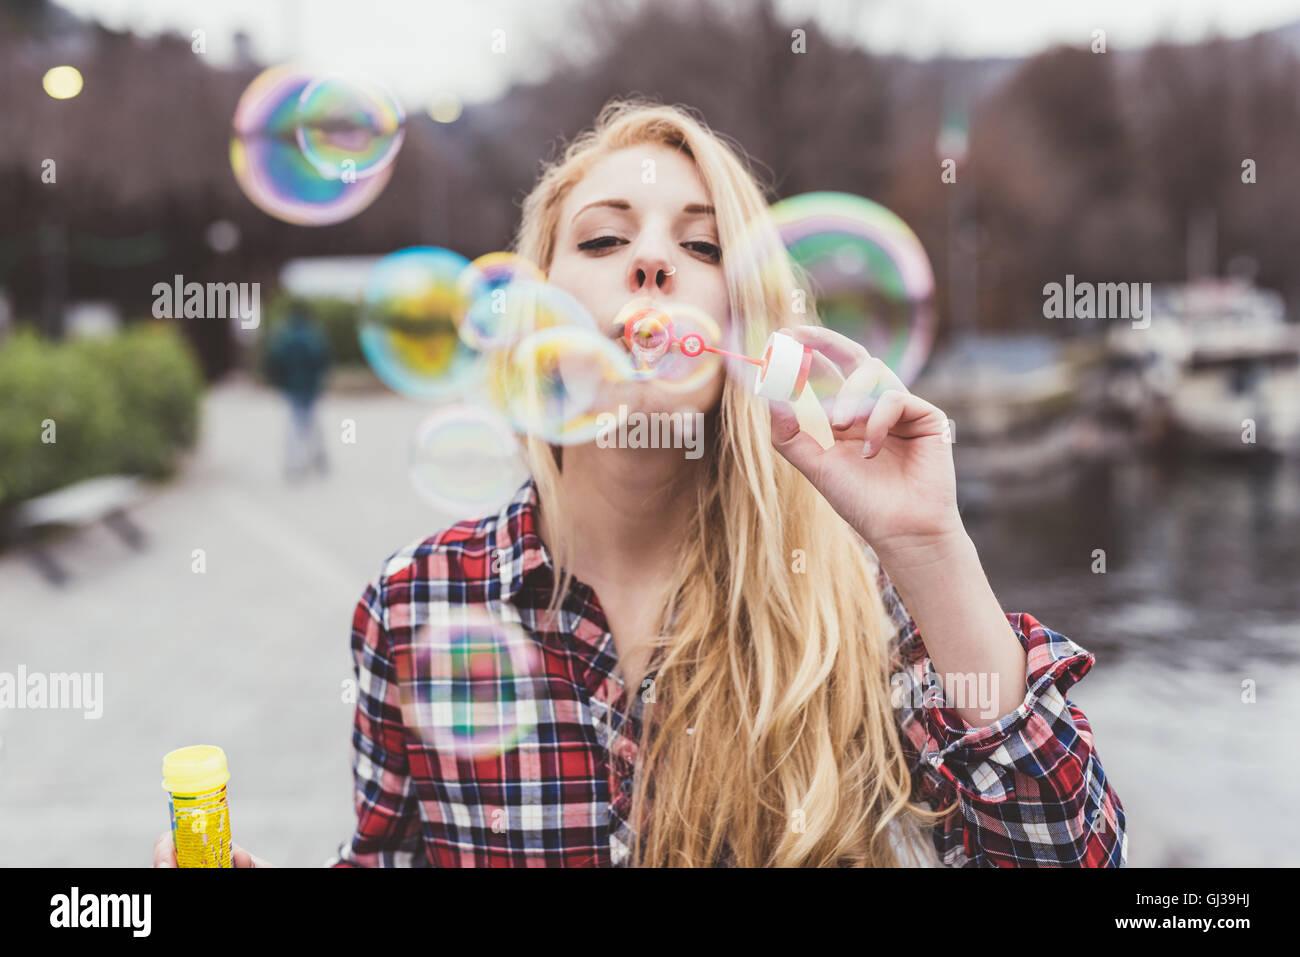 Ritratto di giovane donna sul lungomare a soffiare bolle, Lago di Como, Italia Immagini Stock